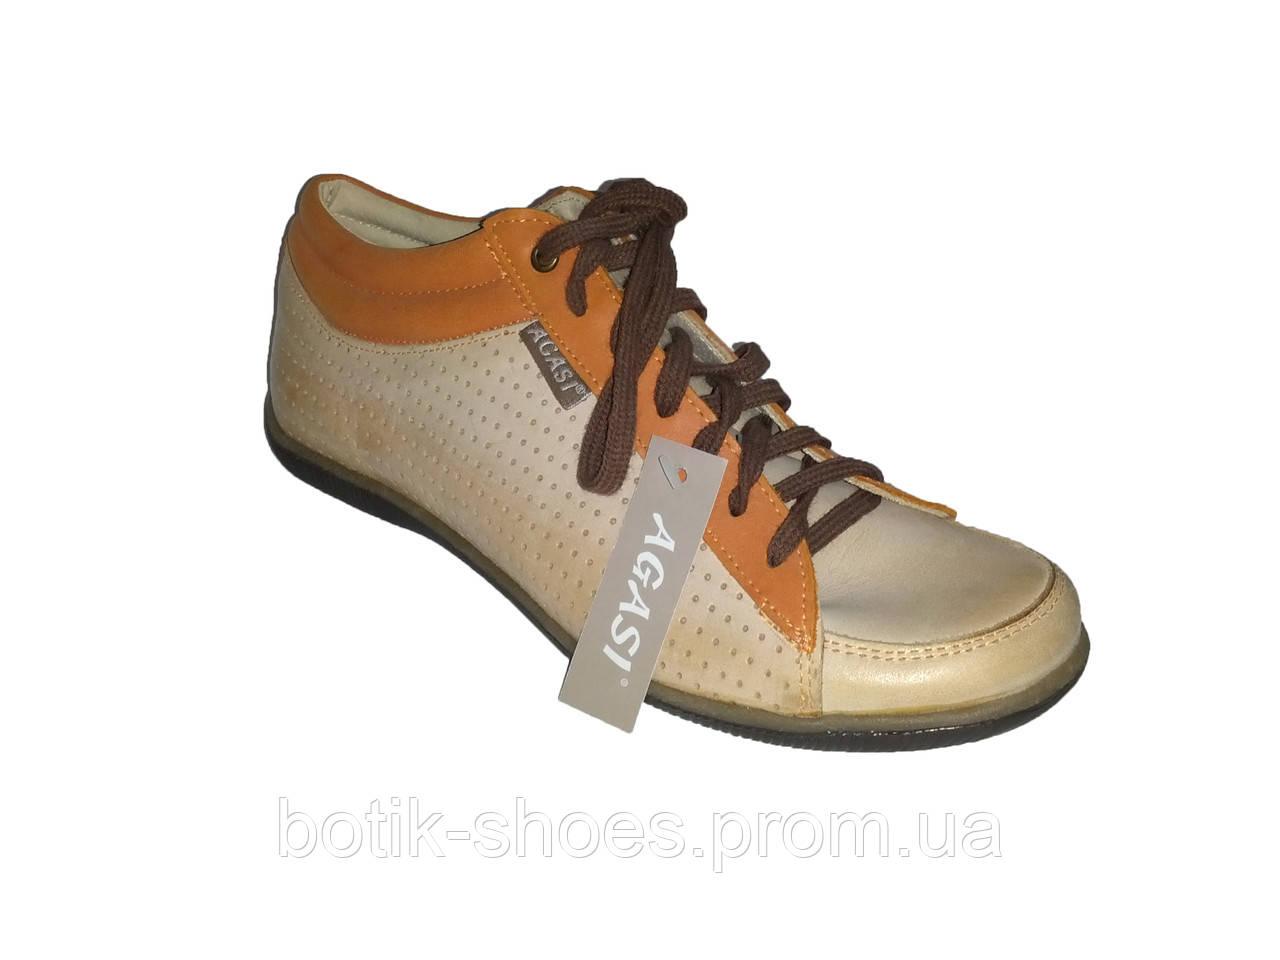 971f18136 Кожаные польские женские бежевые стильные модные спортивные туфли 36 Agasi  - интернет-магазин обуви